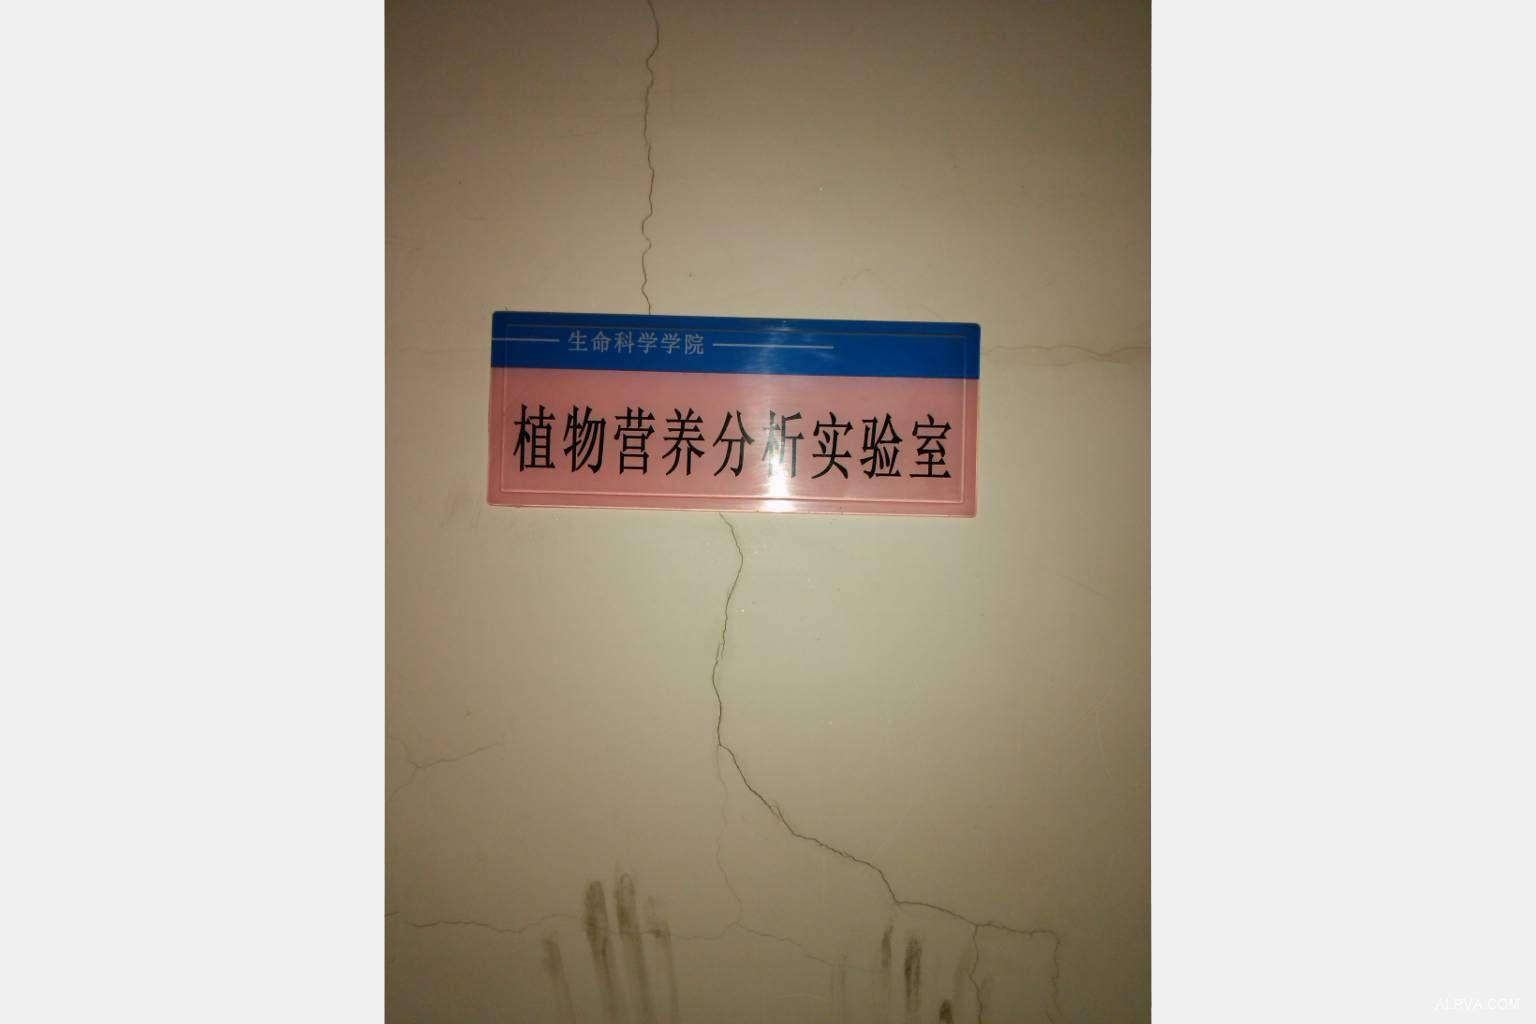 内蒙古大学采购鑫苑棋牌凯氏定氮仪